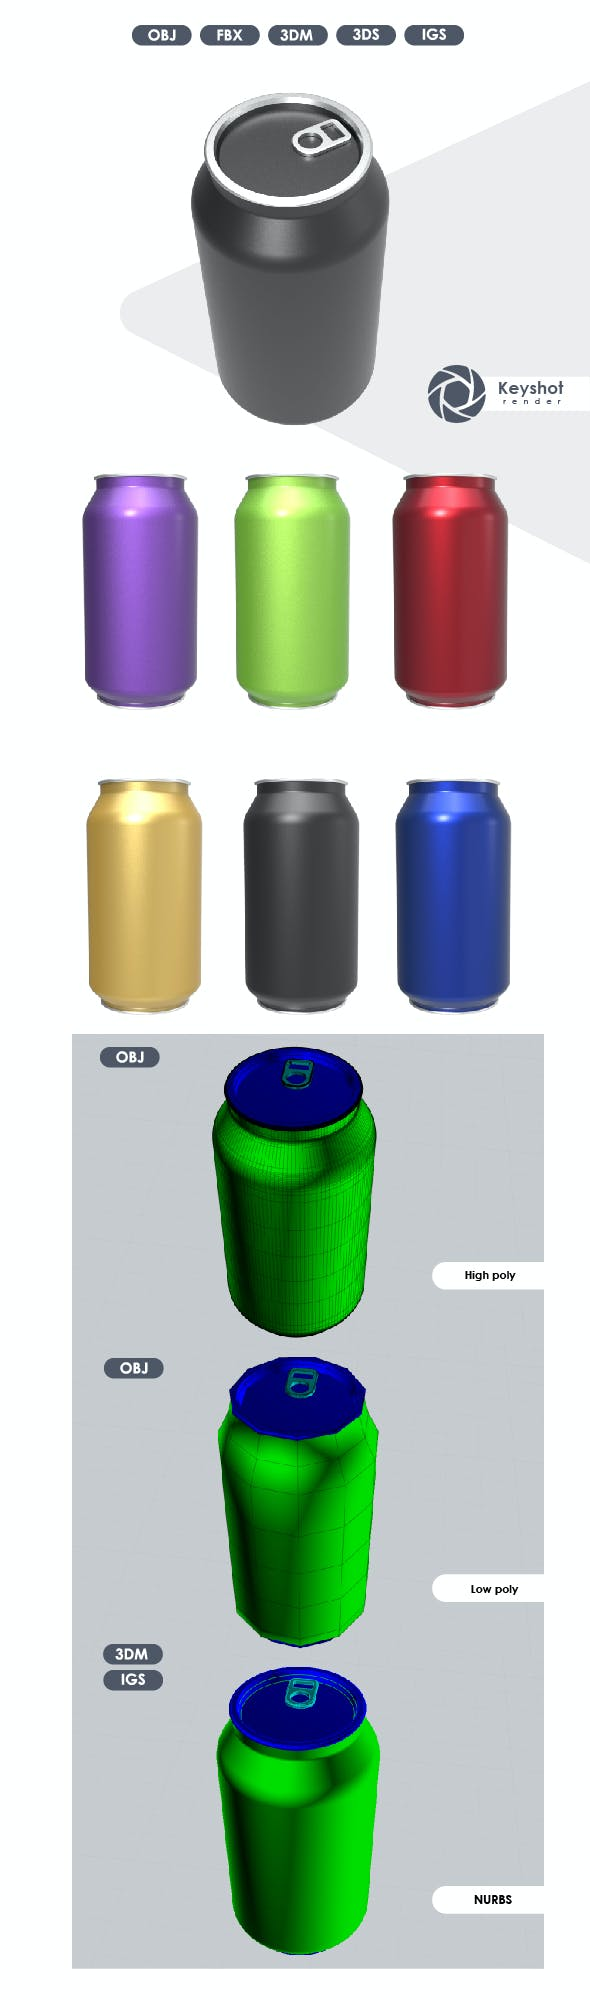 3D Model of Jar for Soda. - 3DOcean Item for Sale